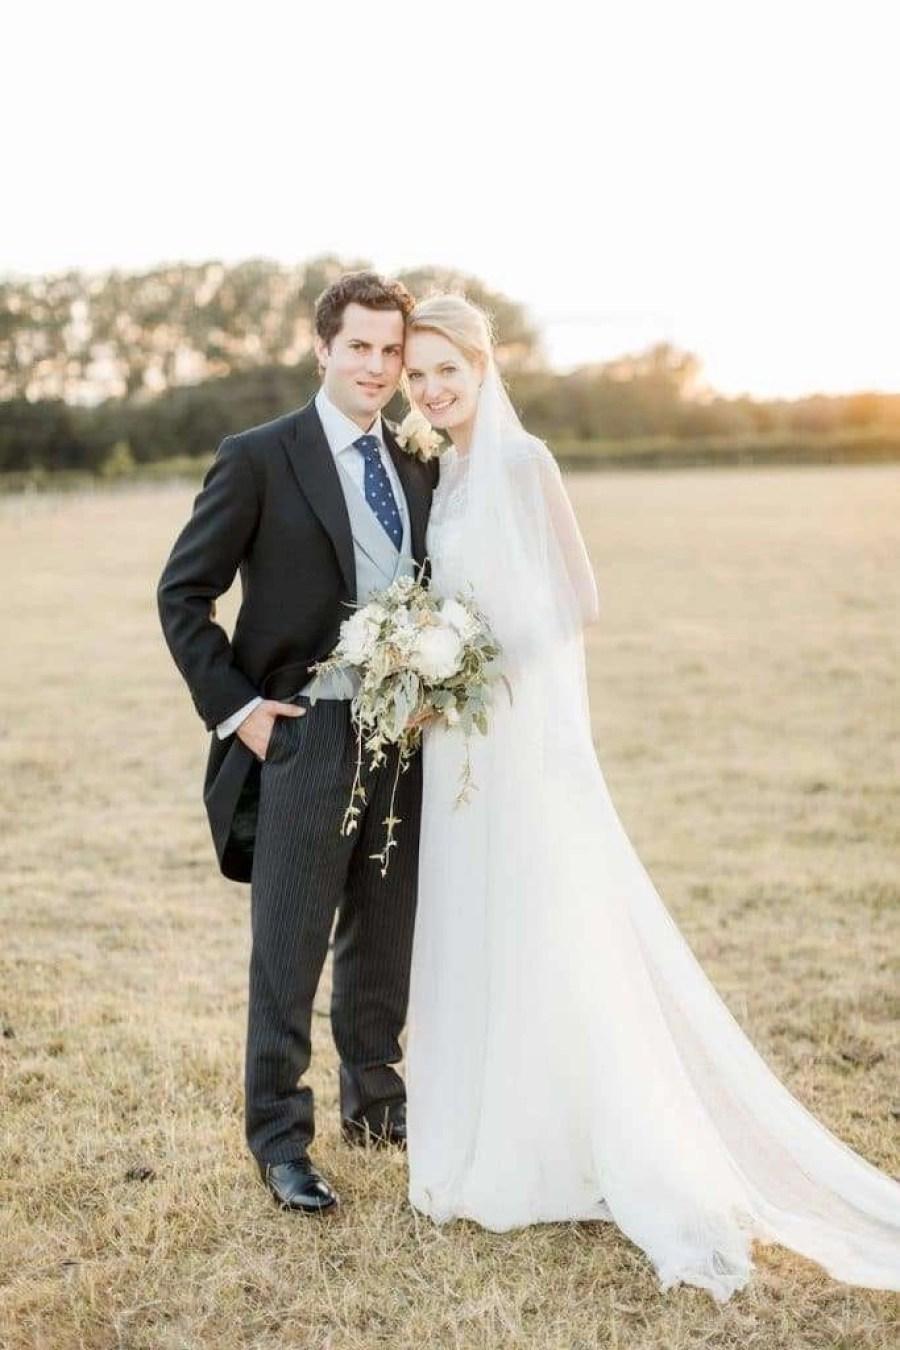 tori-harris-makeup-artist-bride-wedding-london-hair-stylist-surrey-west-sussex-3